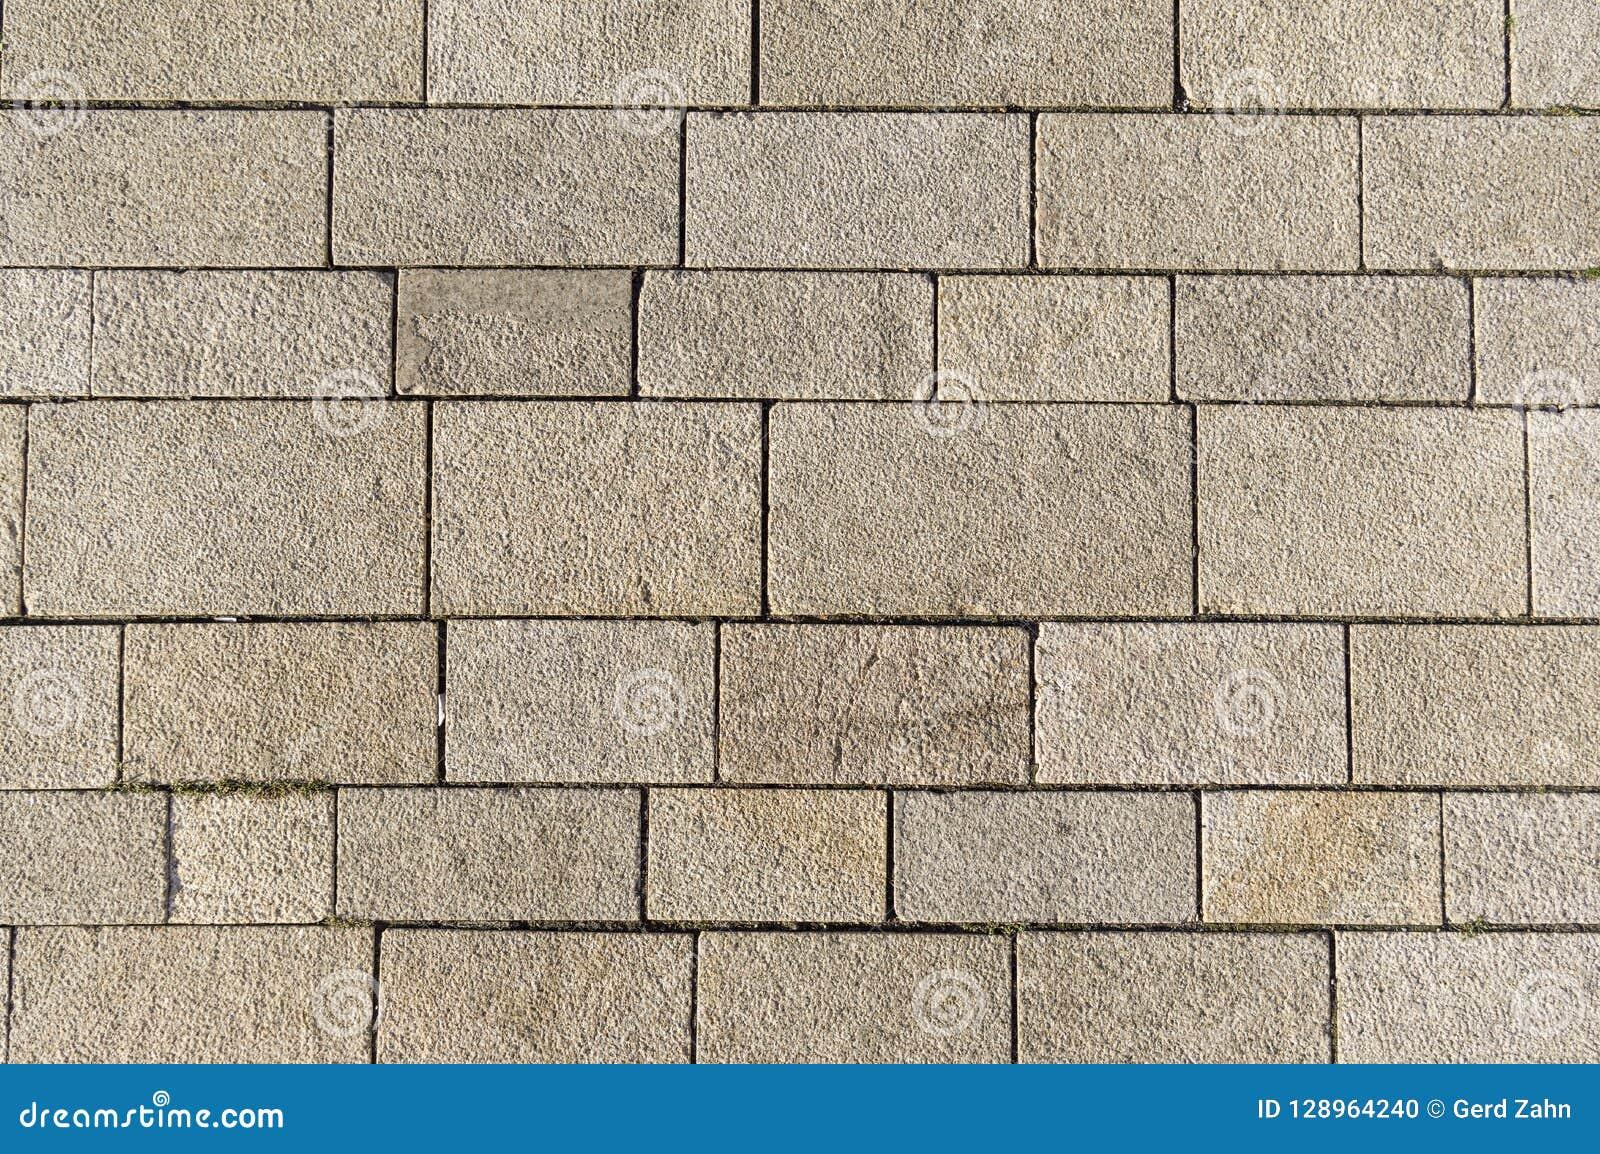 Marktvierkant met verschillend gerangschikte concrete blokken en verbindingen